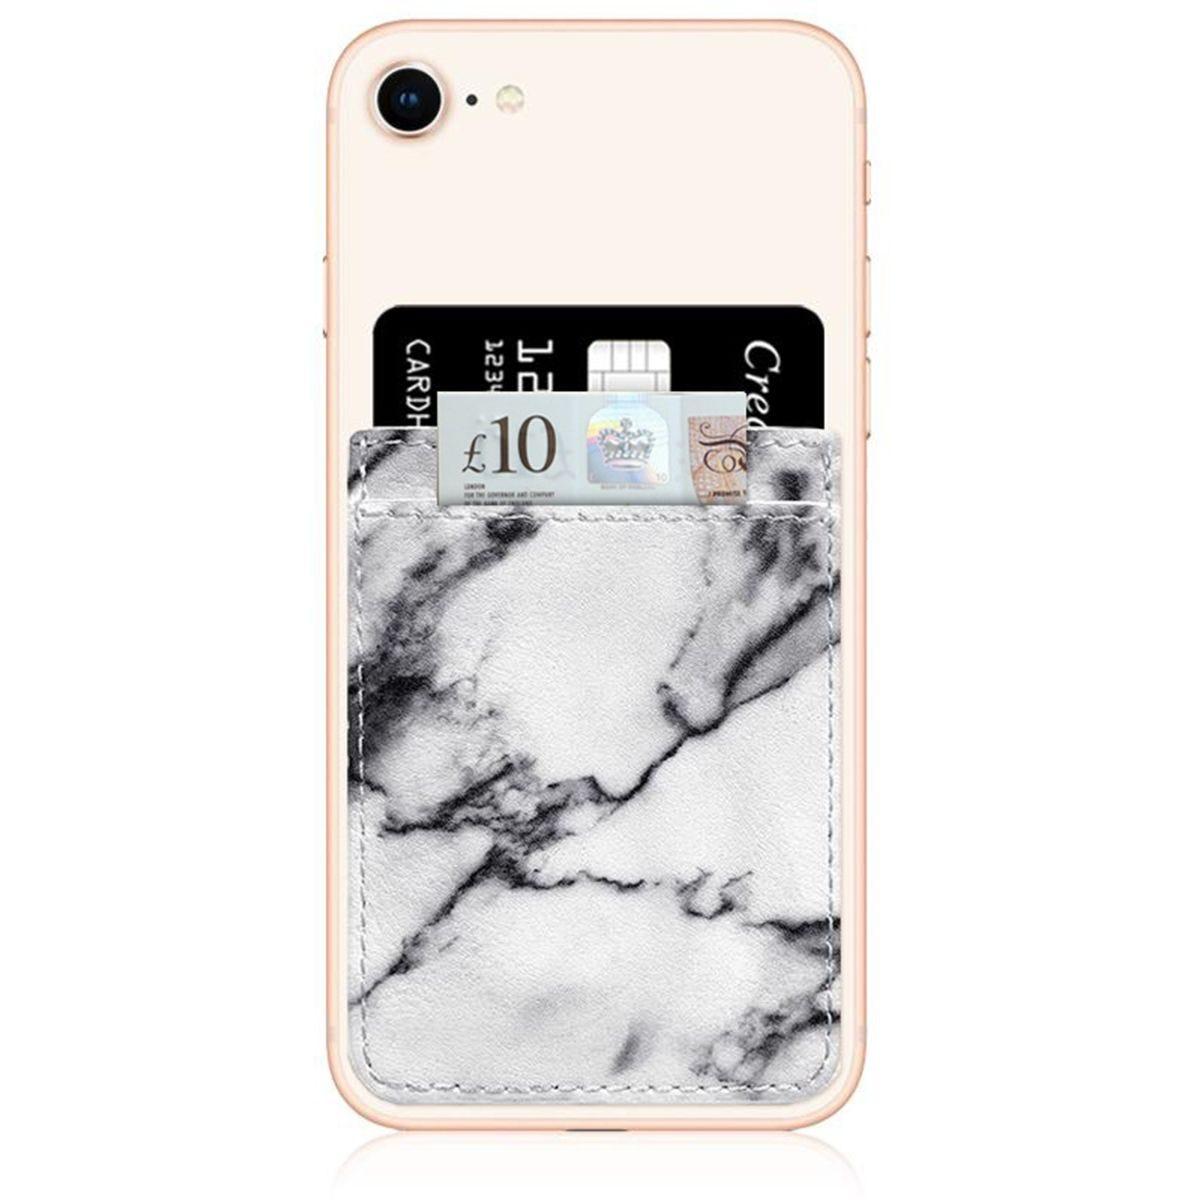 iDecoz White Marble Phone Pocket